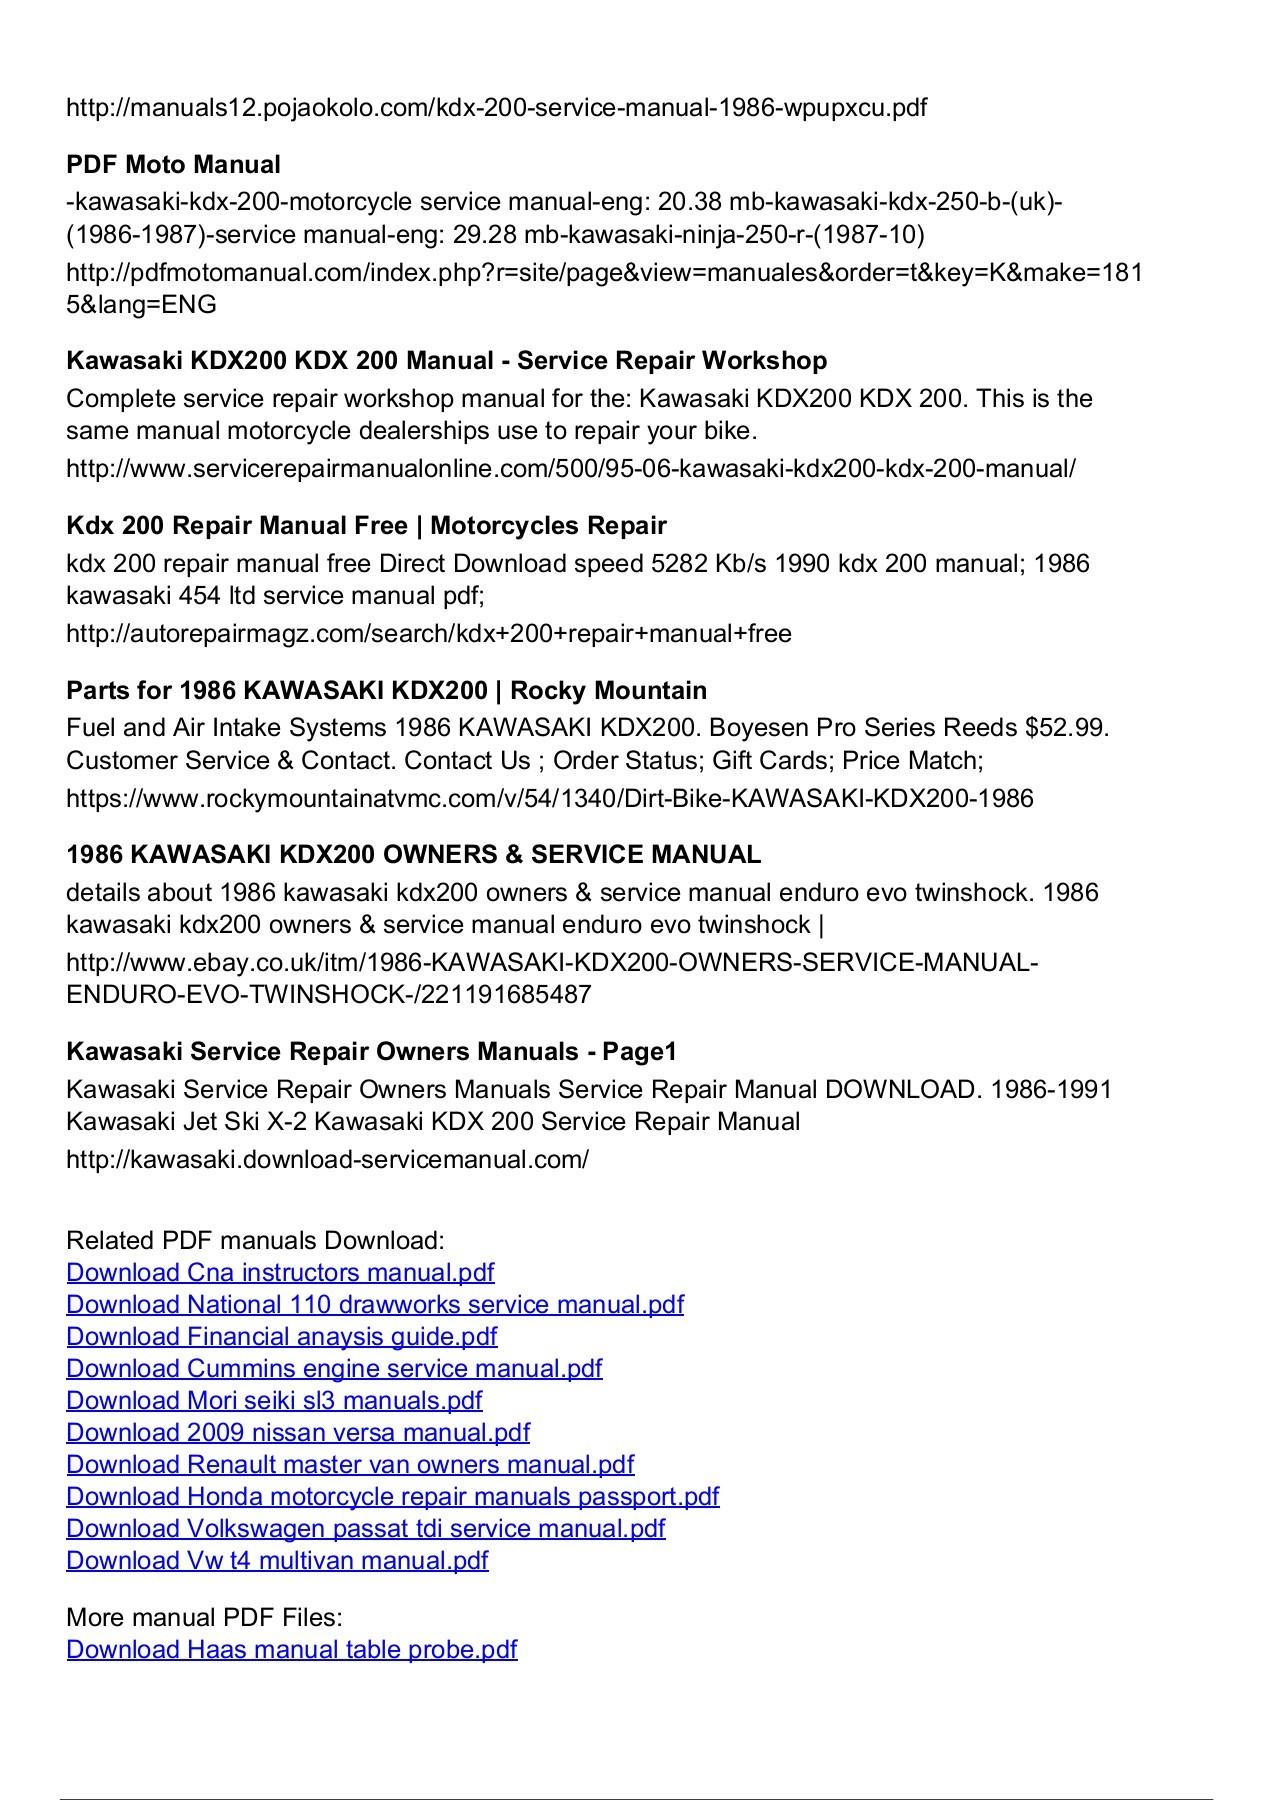 ... owners manual book u2022 rh Array - 2004 kawasaki ninja 250r manual  ebook rh 2004 kawasaki ninja 250r manual ebook sommerl